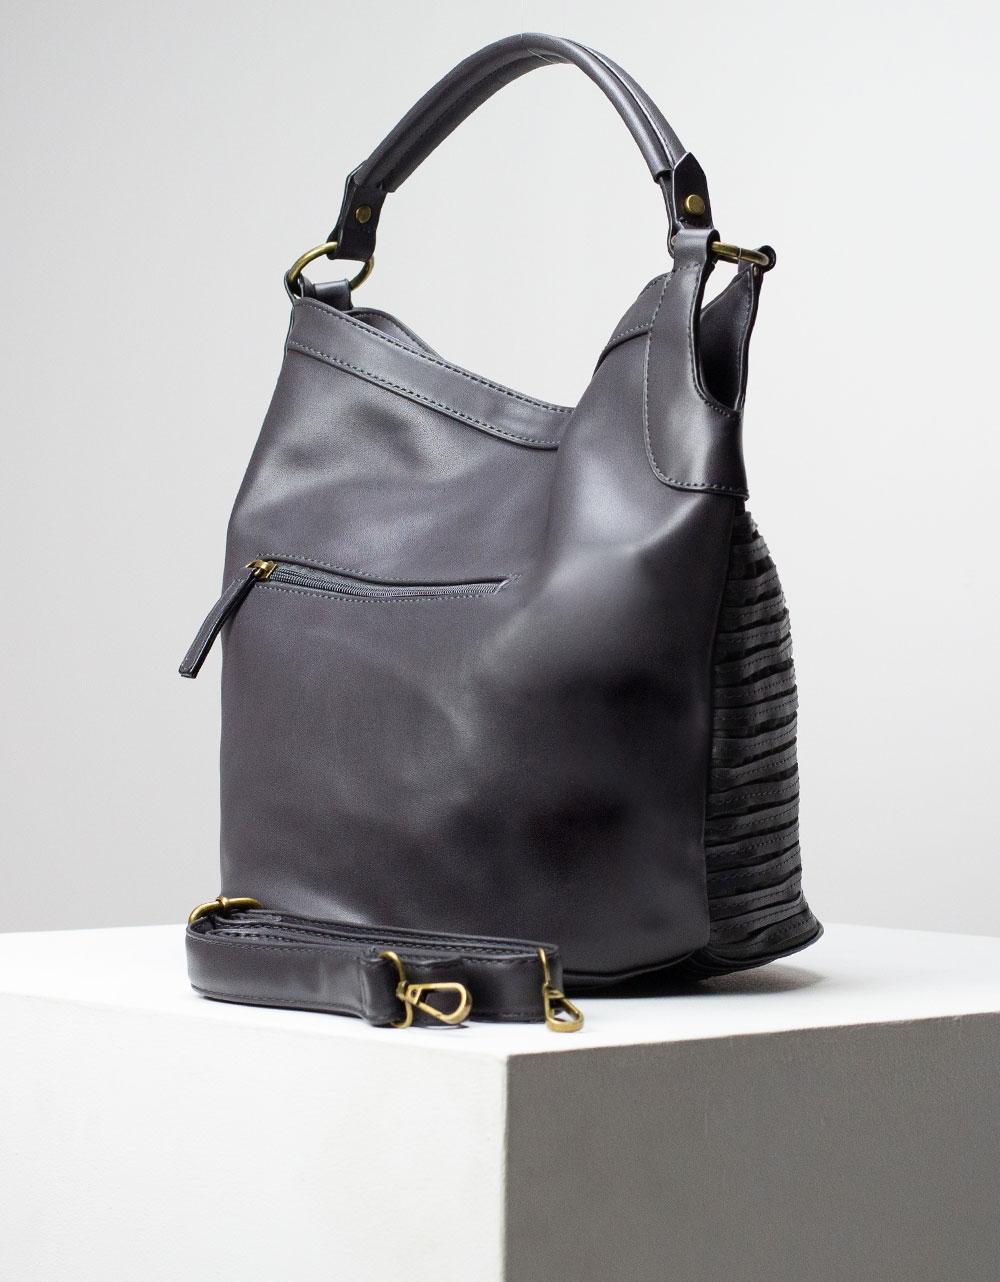 Εικόνα από Γυναικεία τσάντα ώμου & χιαστί με ανάγλυφες λεπτομέρειες Γκρι